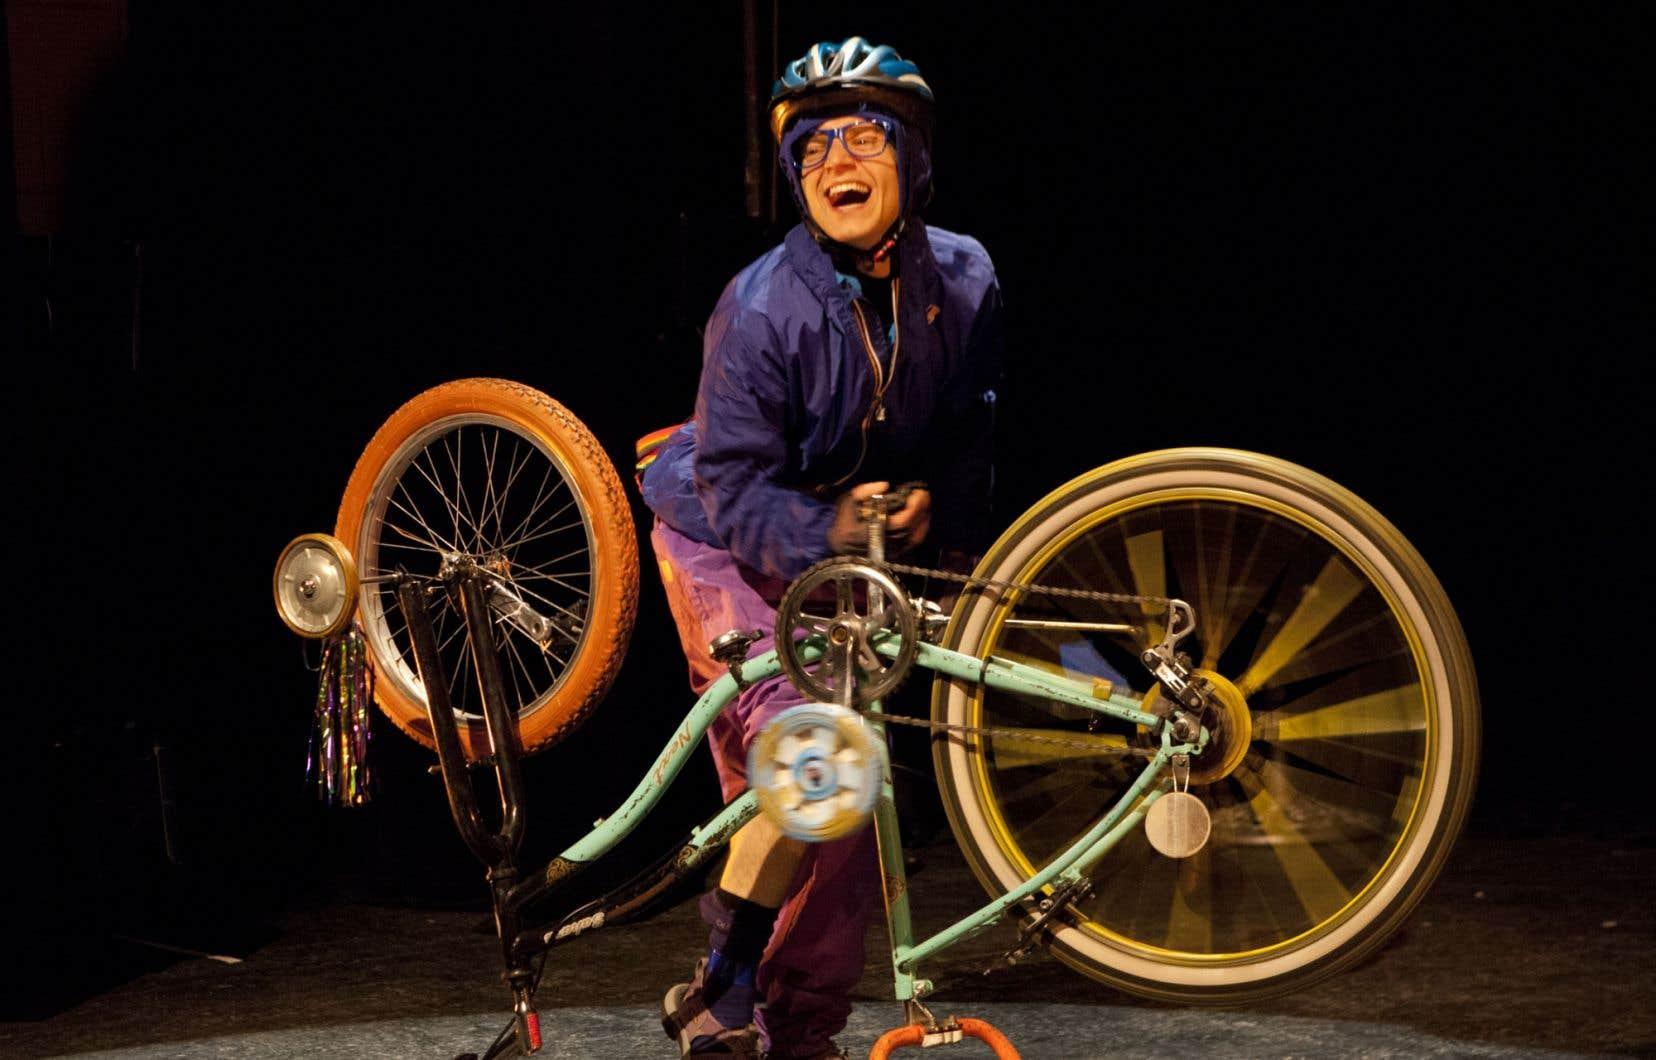 Un tragique concours de circonstances, raconté avec brio, nous mène à l'improbable mort d'un cycliste dans Une série de petits détails de Charles-Émile Fecteau.